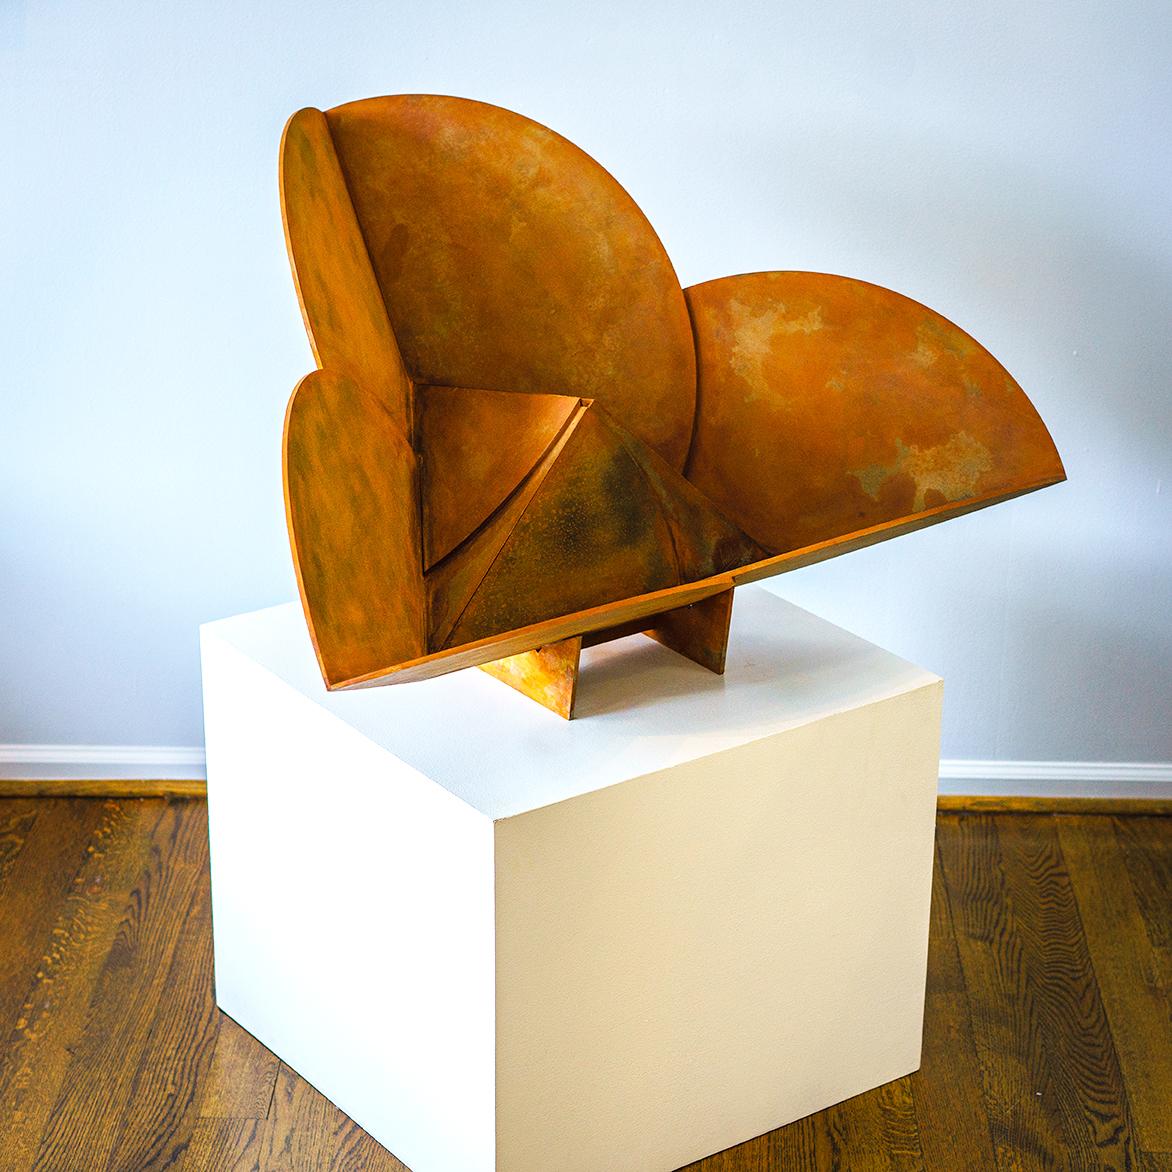 FLUR-sculpture_-Asheville-1.jpg